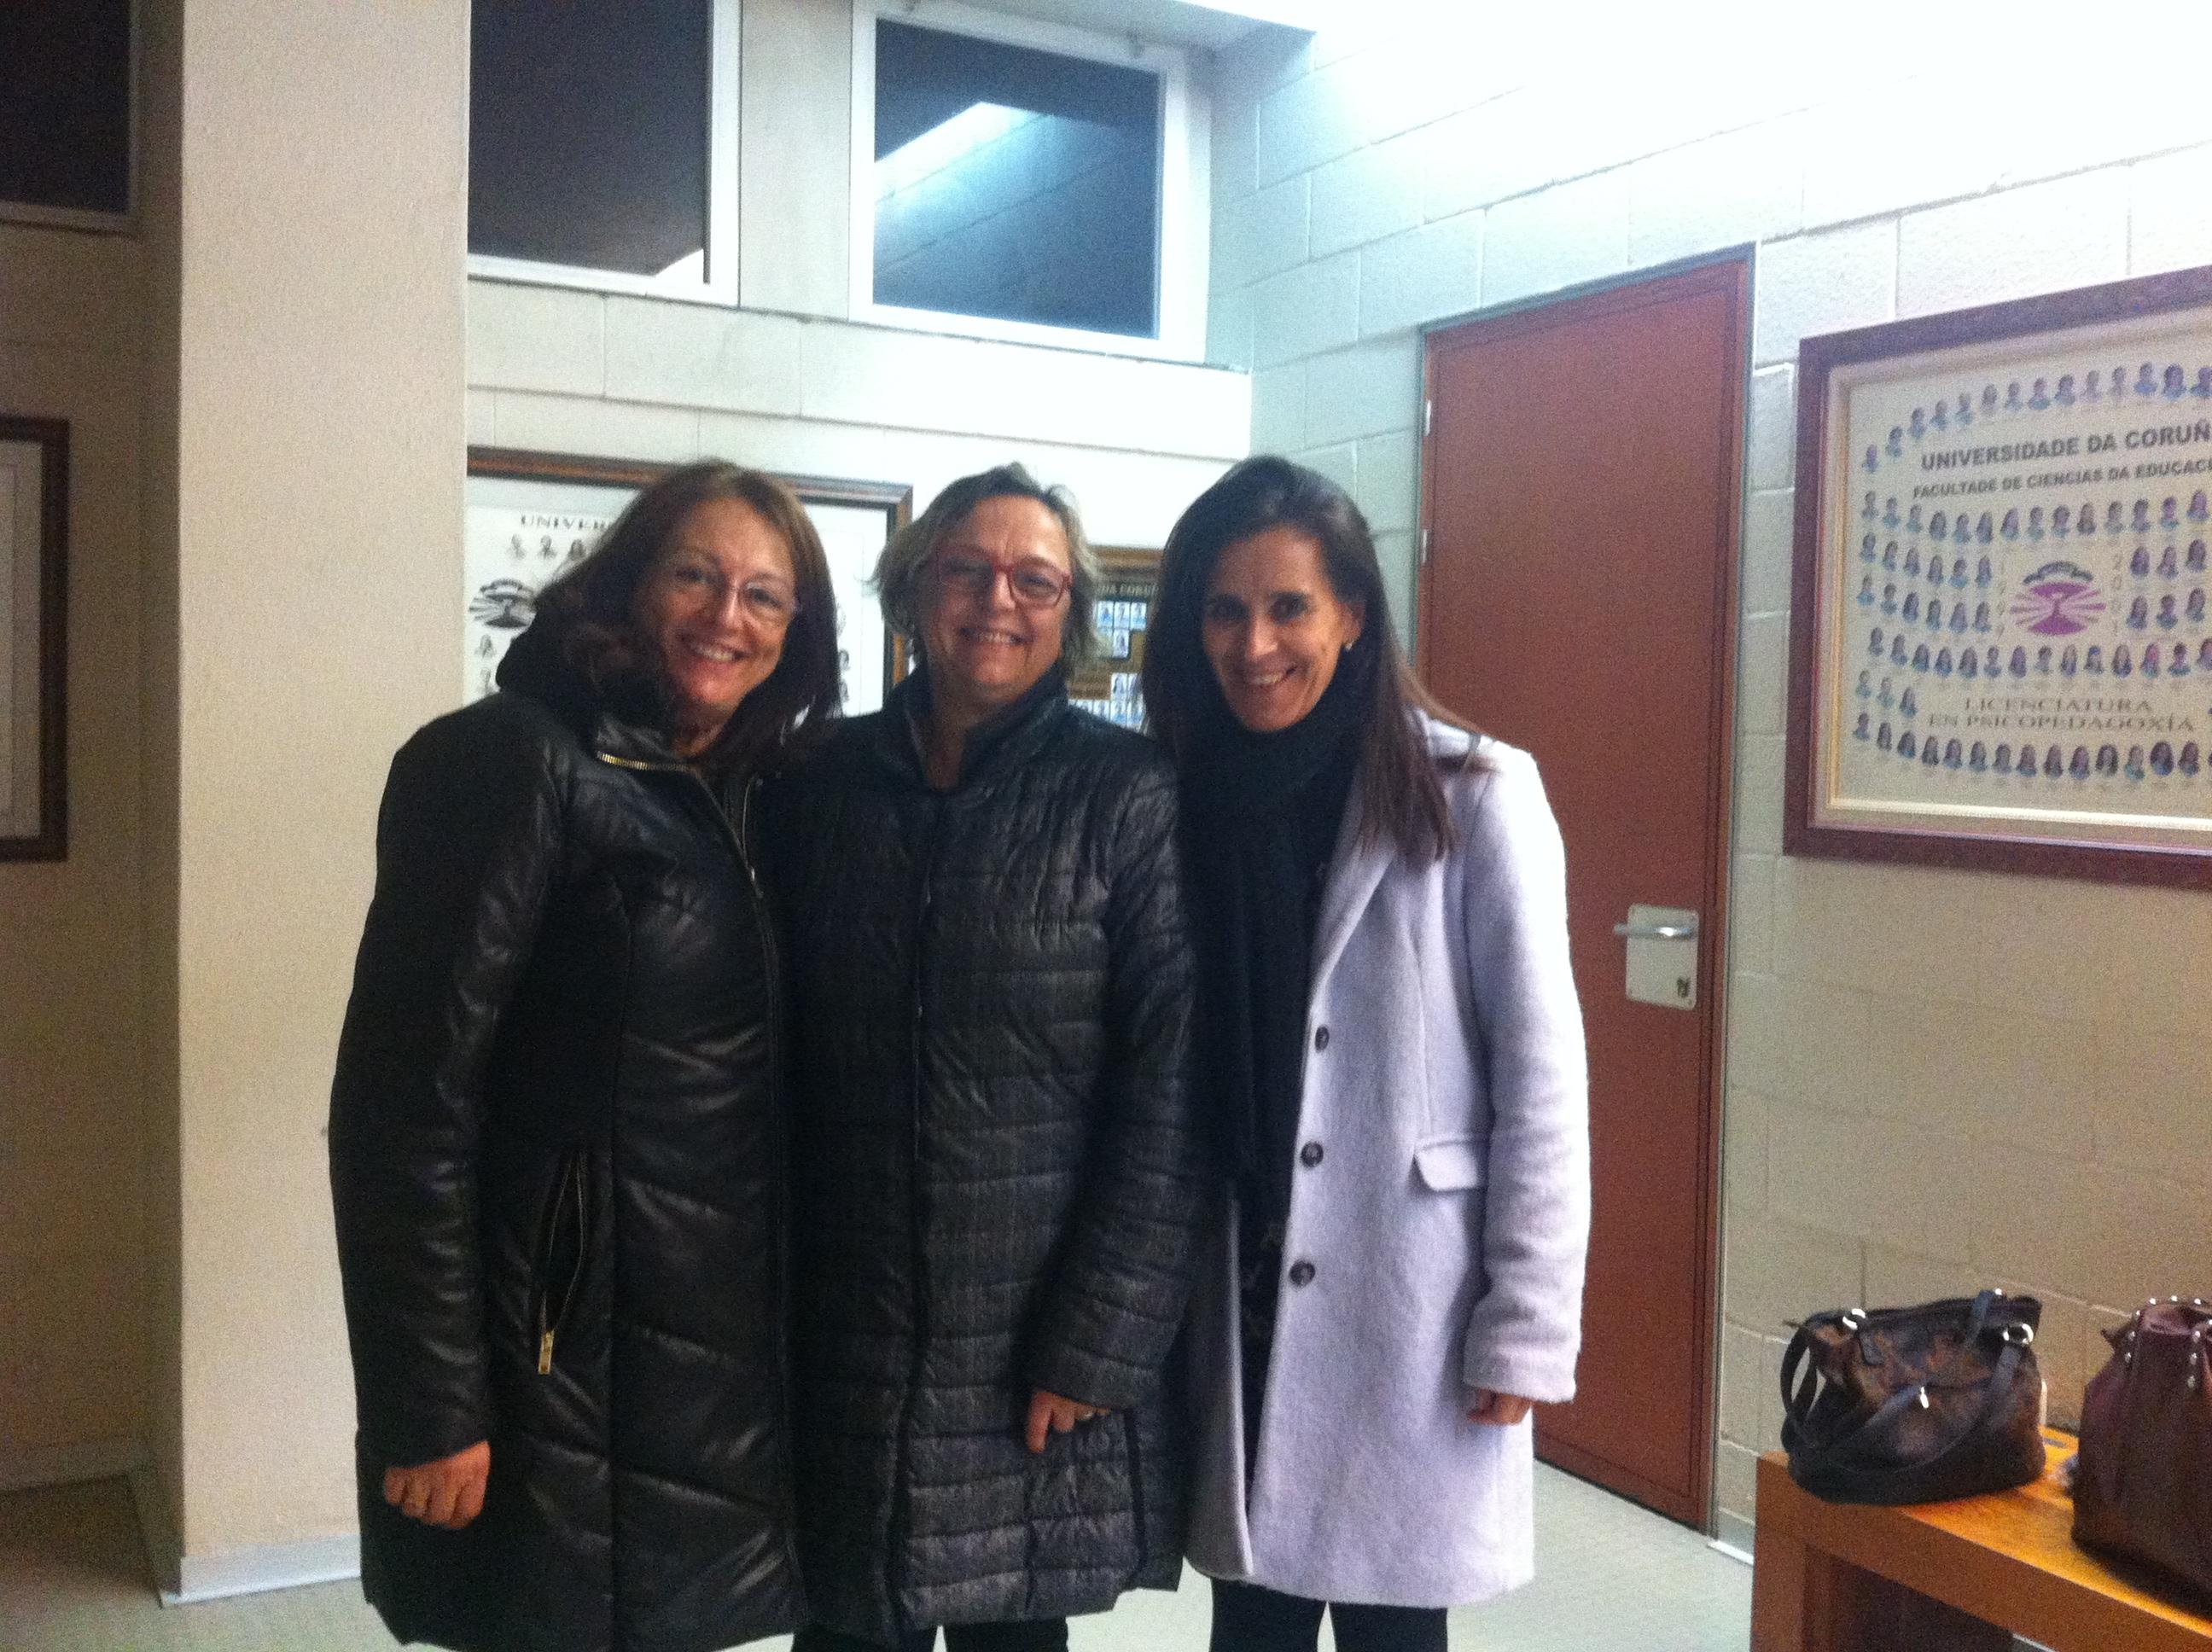 Directora de TASC_UP en U de La Coruña con COn  Dra.María Josefa Iglesias  y Dra María LUisa Rodicio